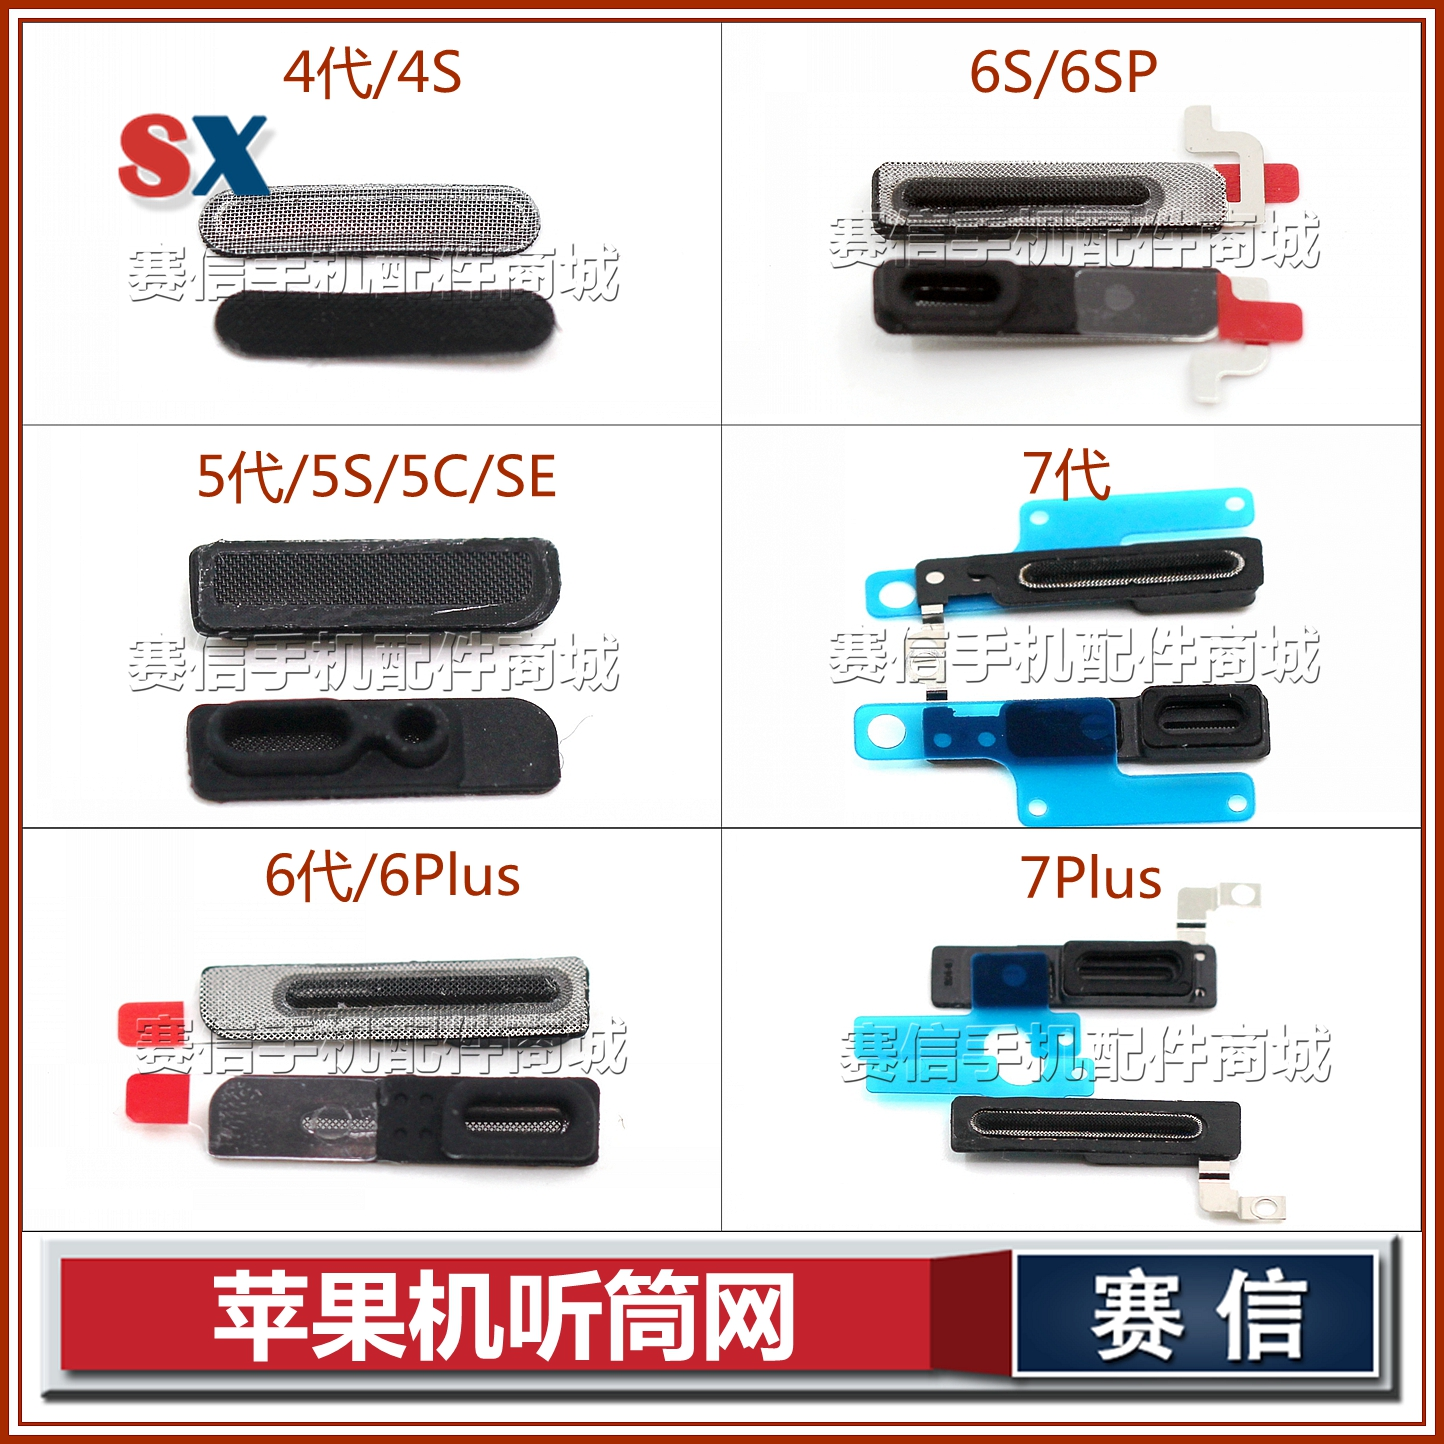 苹果iphone4S 5 5S 5C 5代 6代 PLUS 6S 8 X听筒防尘网 7代听筒网